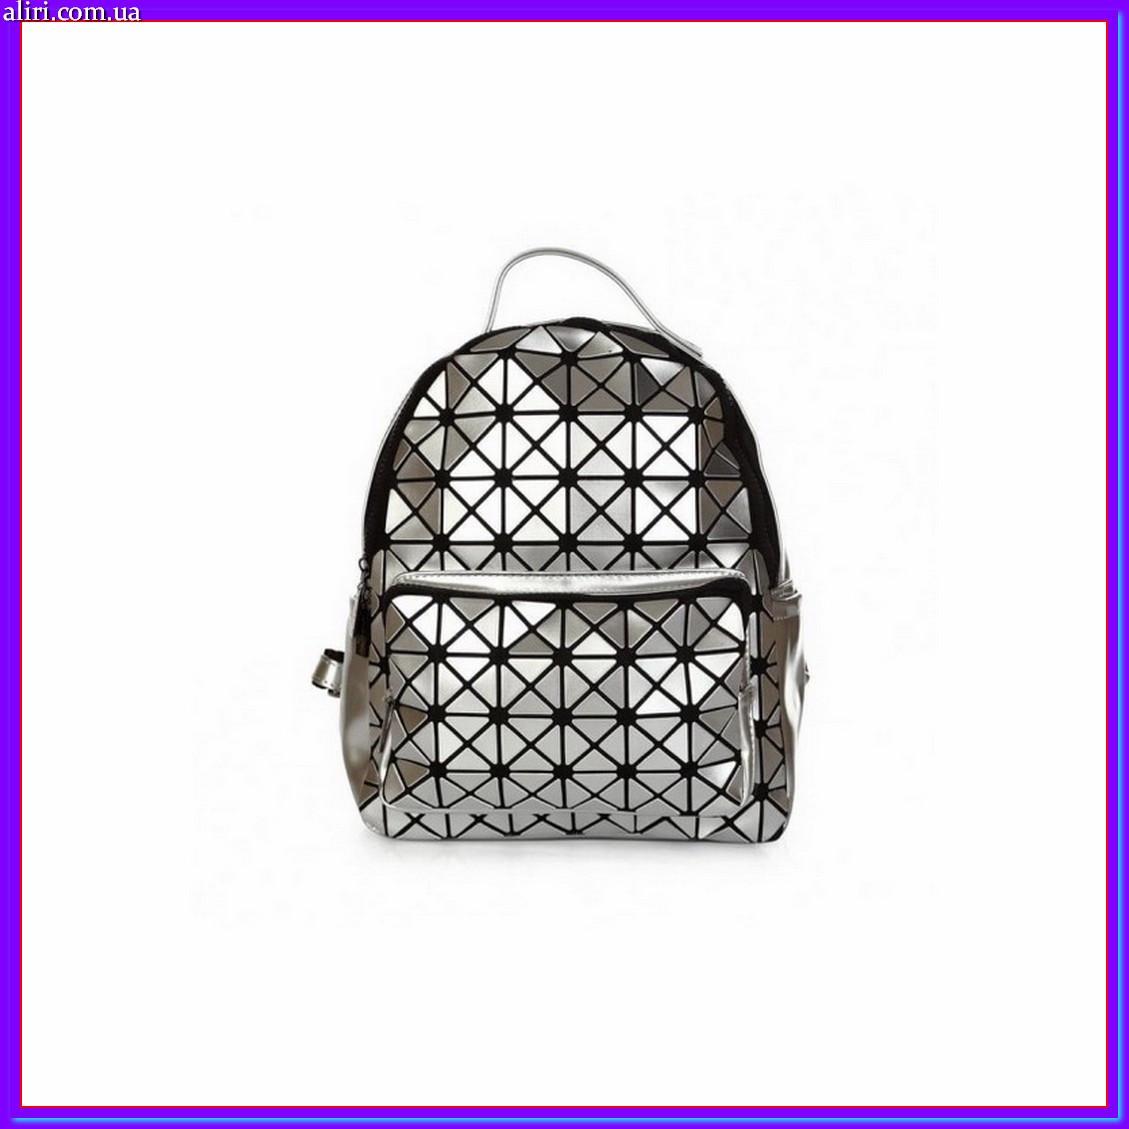 Стильный рюкзак городской женский мини серебро